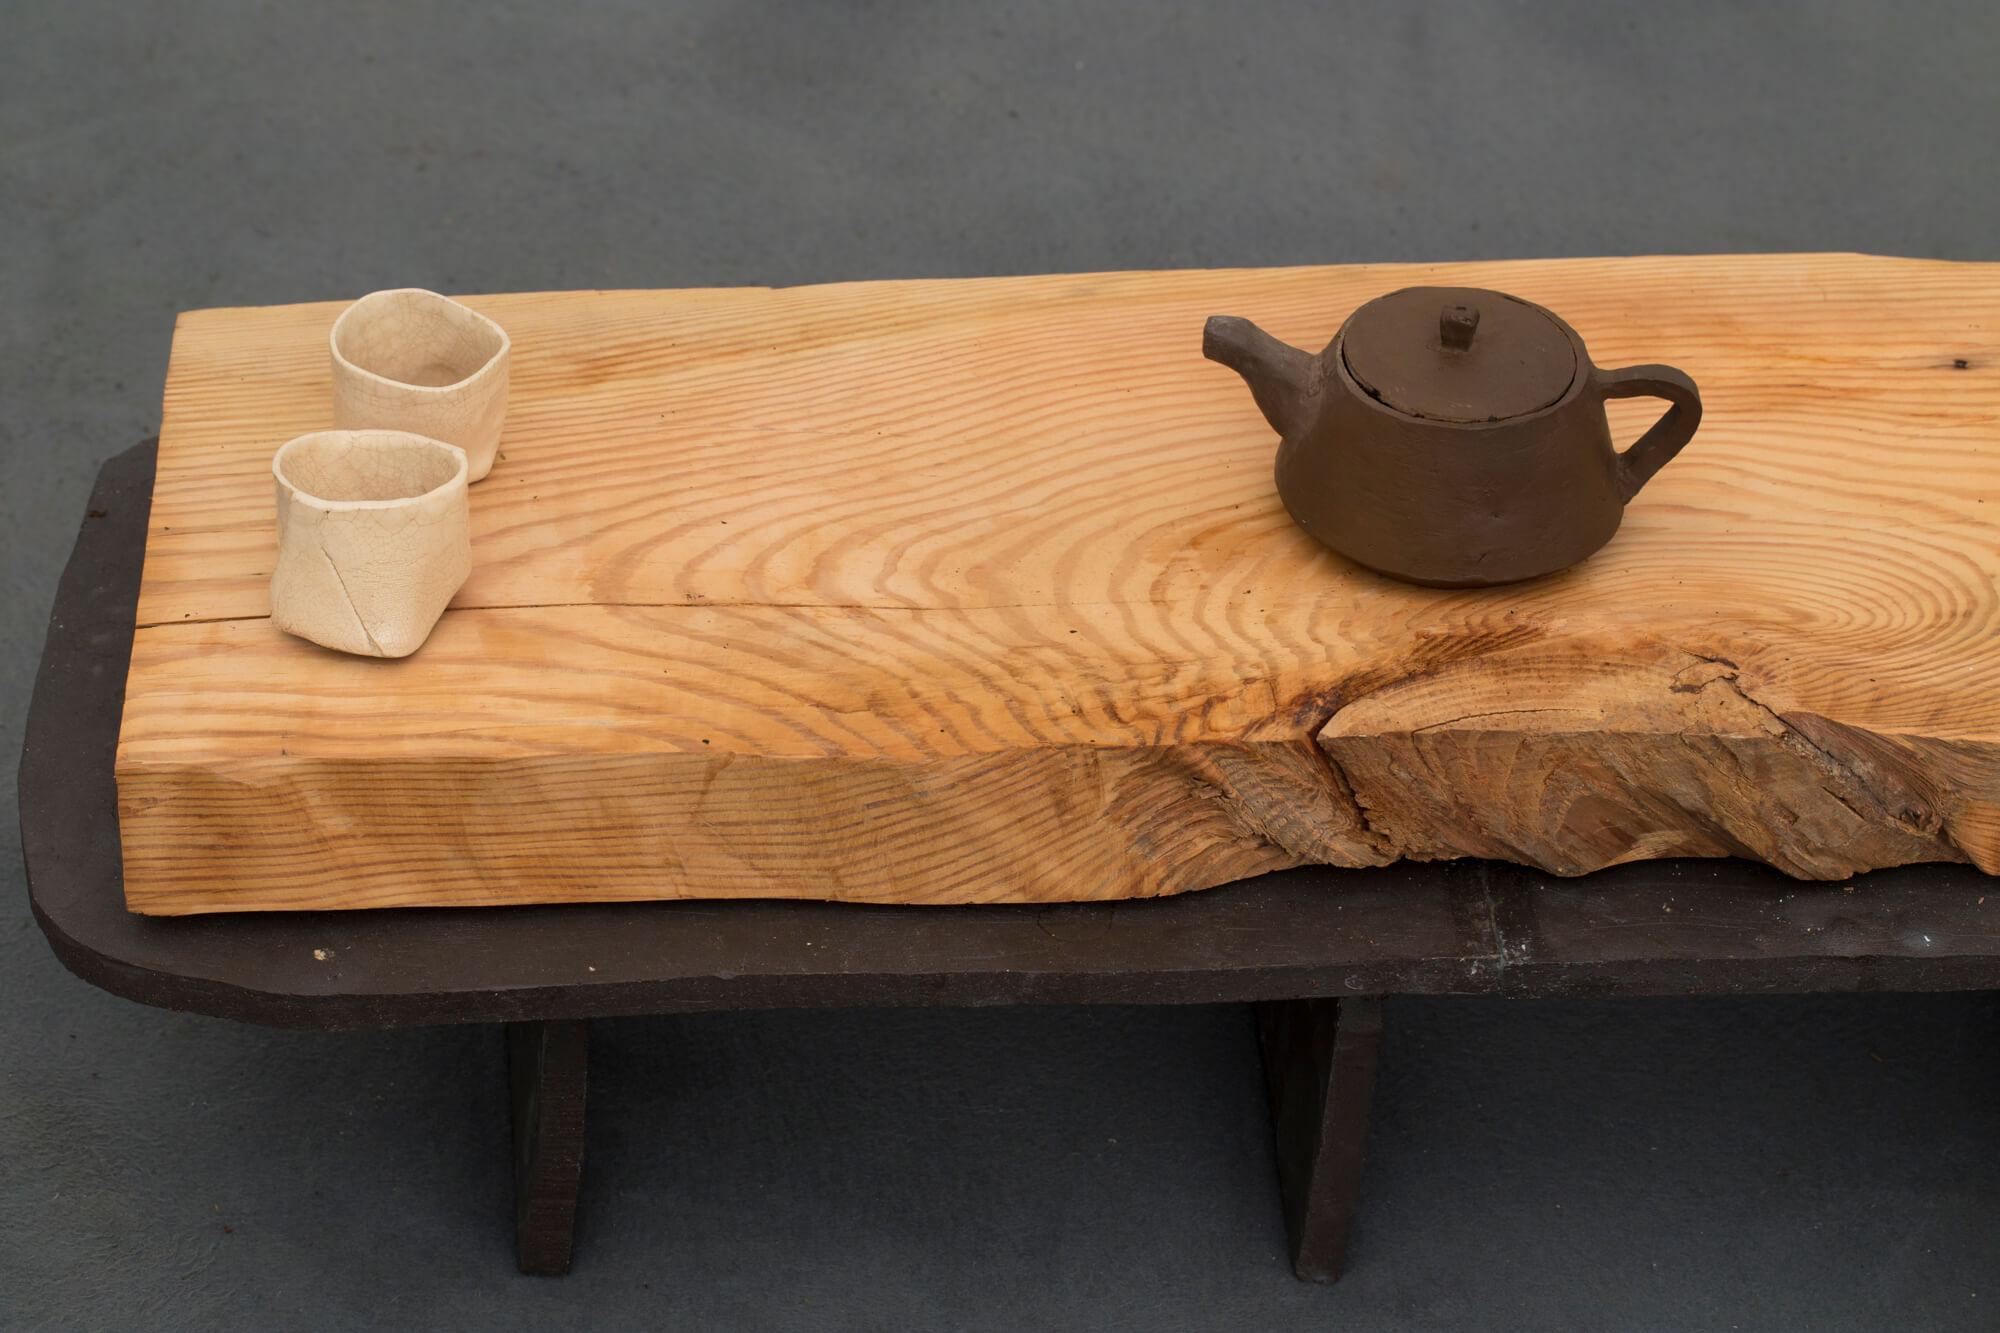 Meenan-gung-fu-tea-berlin-2015-Krack.jpg